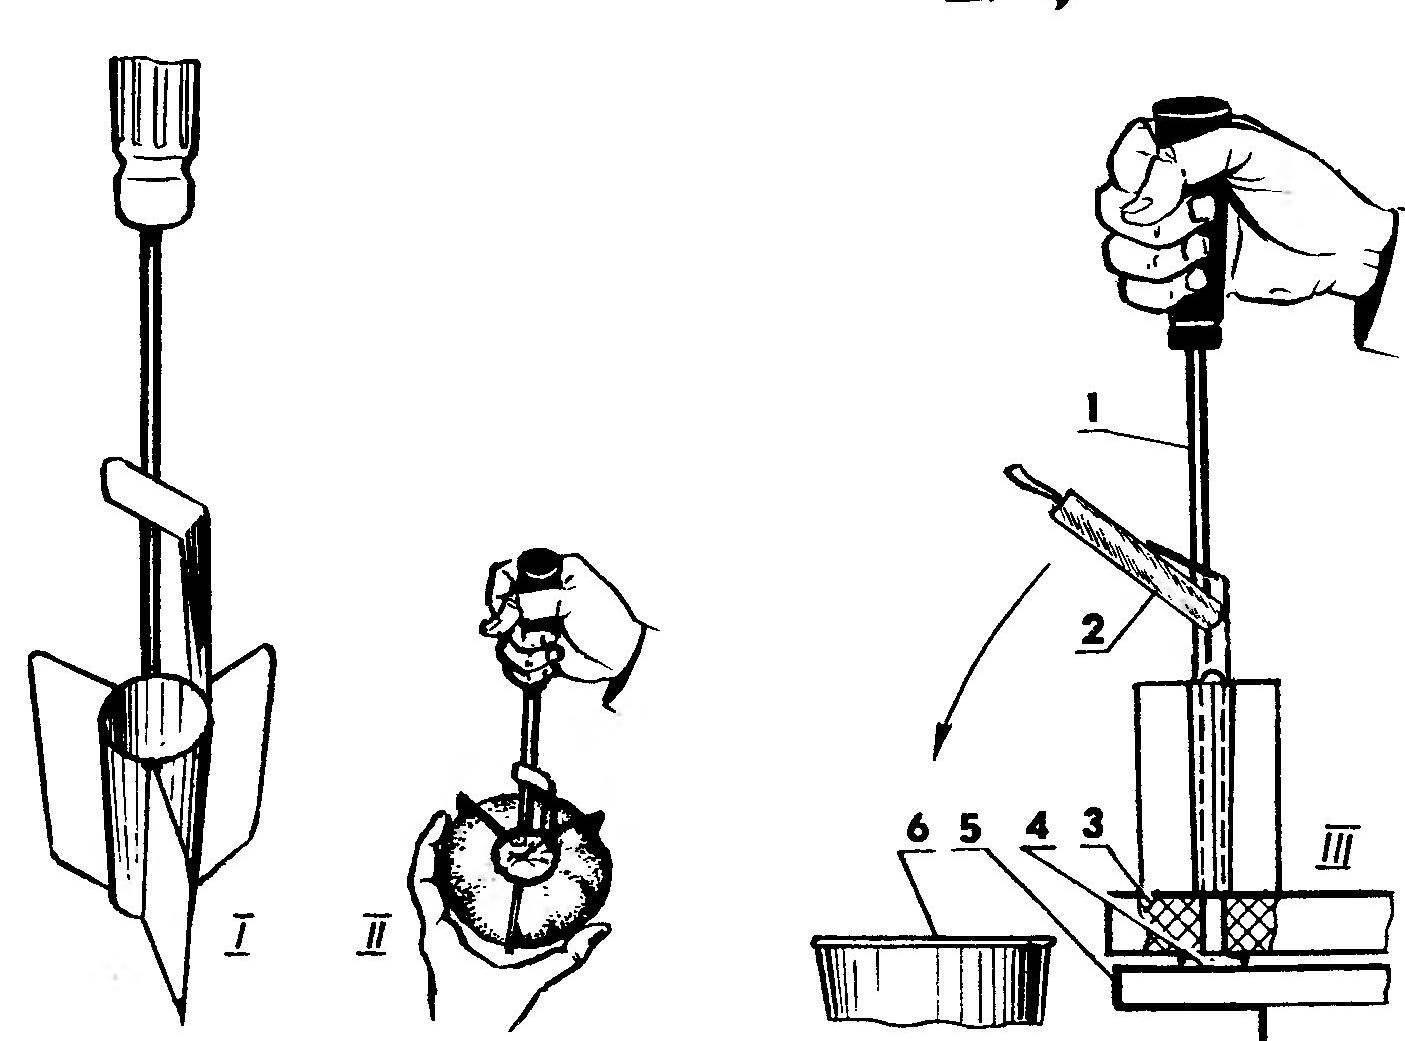 Рекомендуемая последовательность действий и оборудование, используемое при резке фруктов